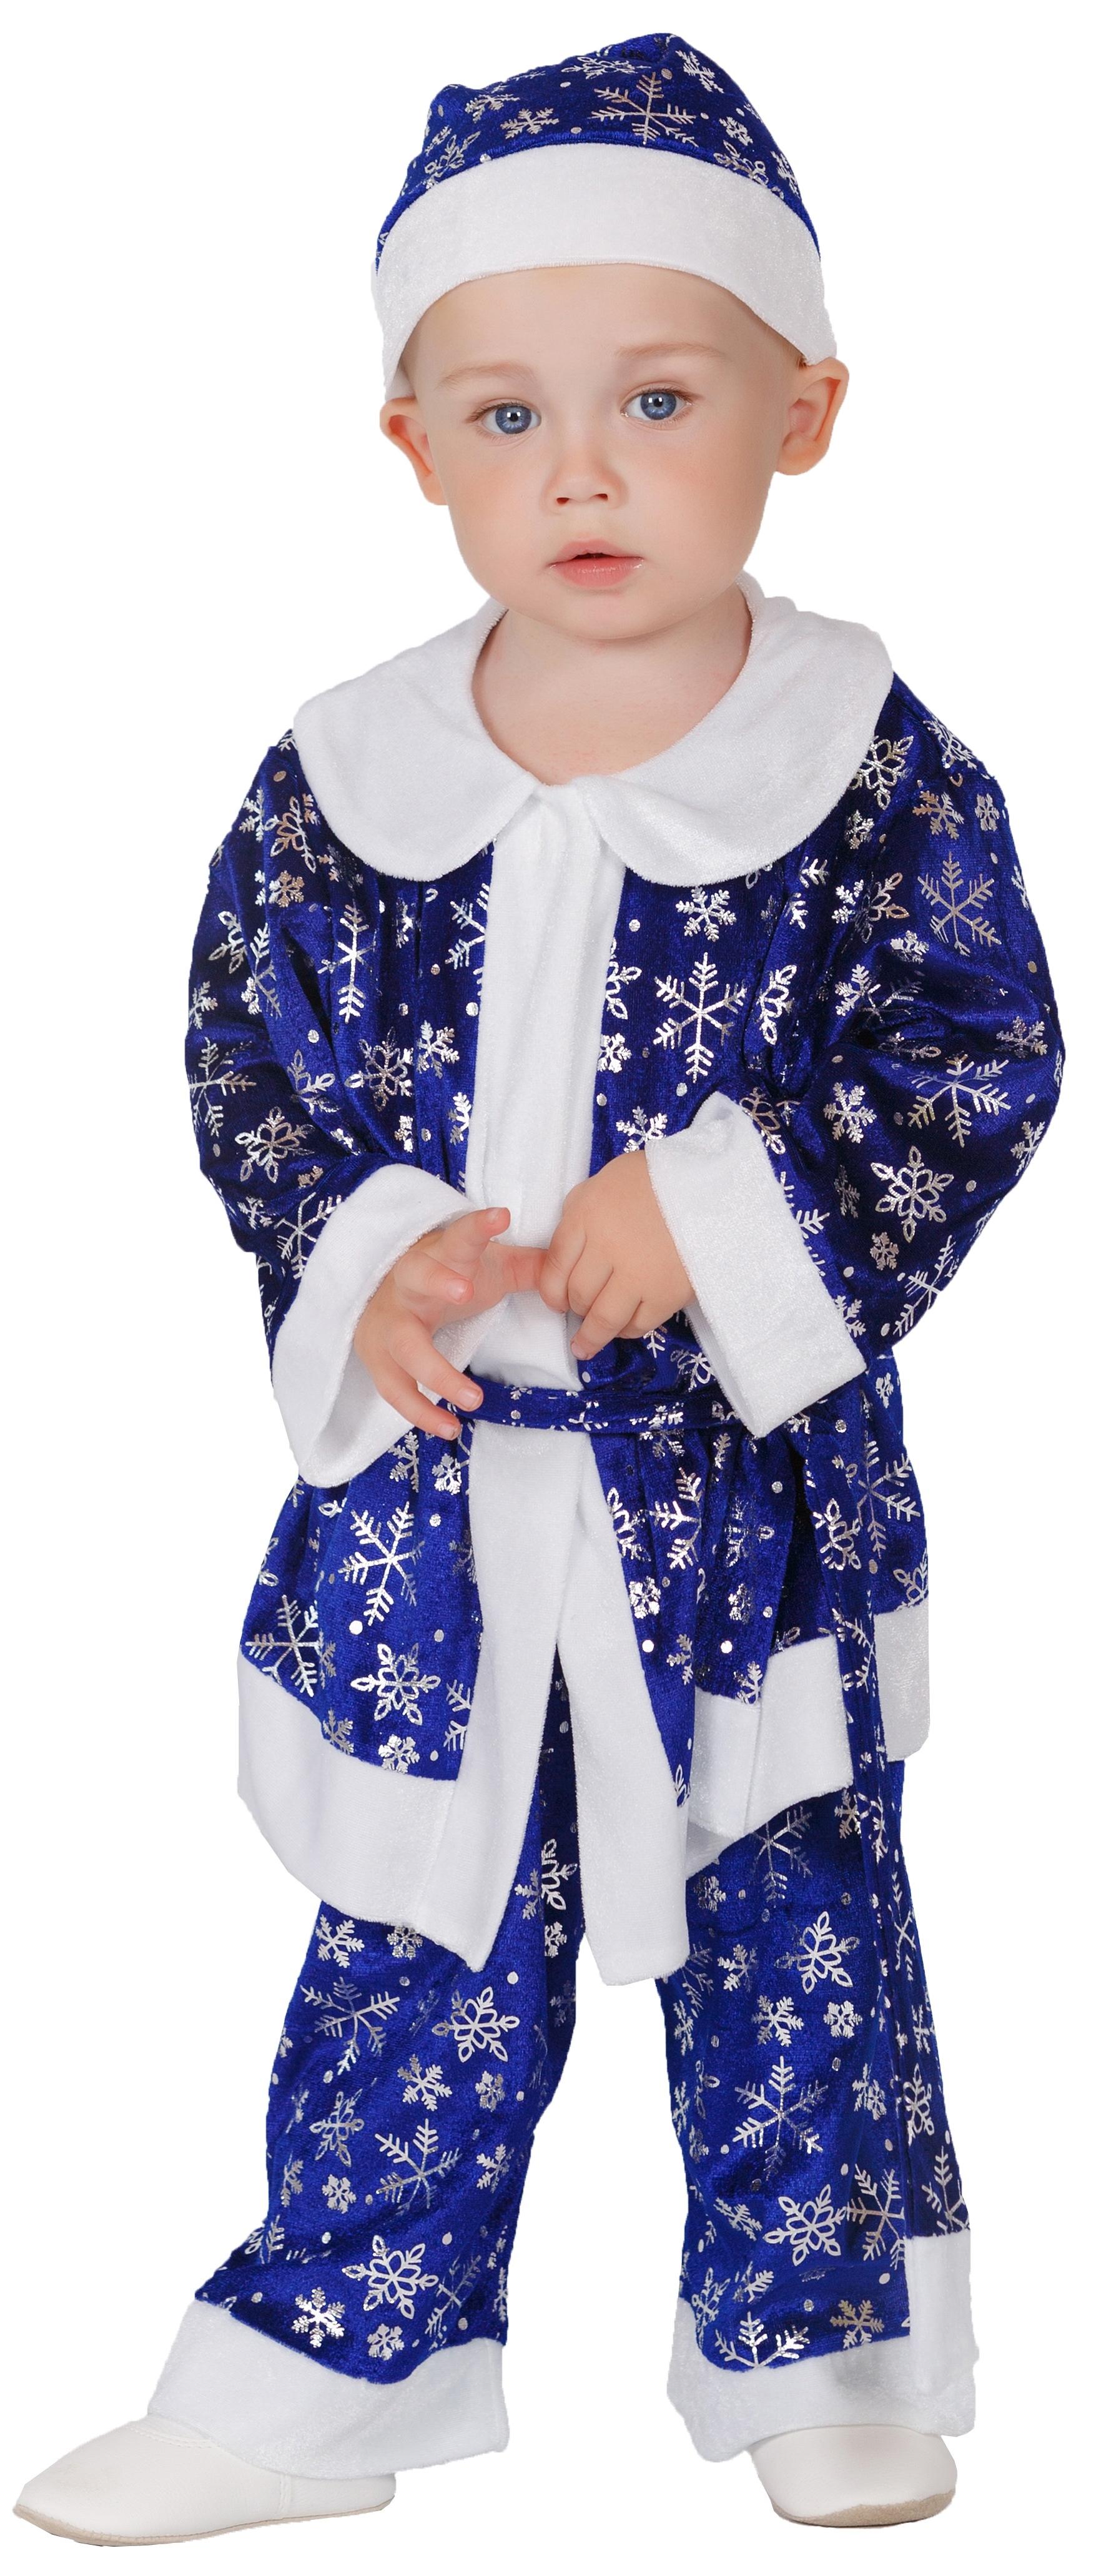 Синий костюм Санты-малыша (26) костюм на новый год для мальчика султан